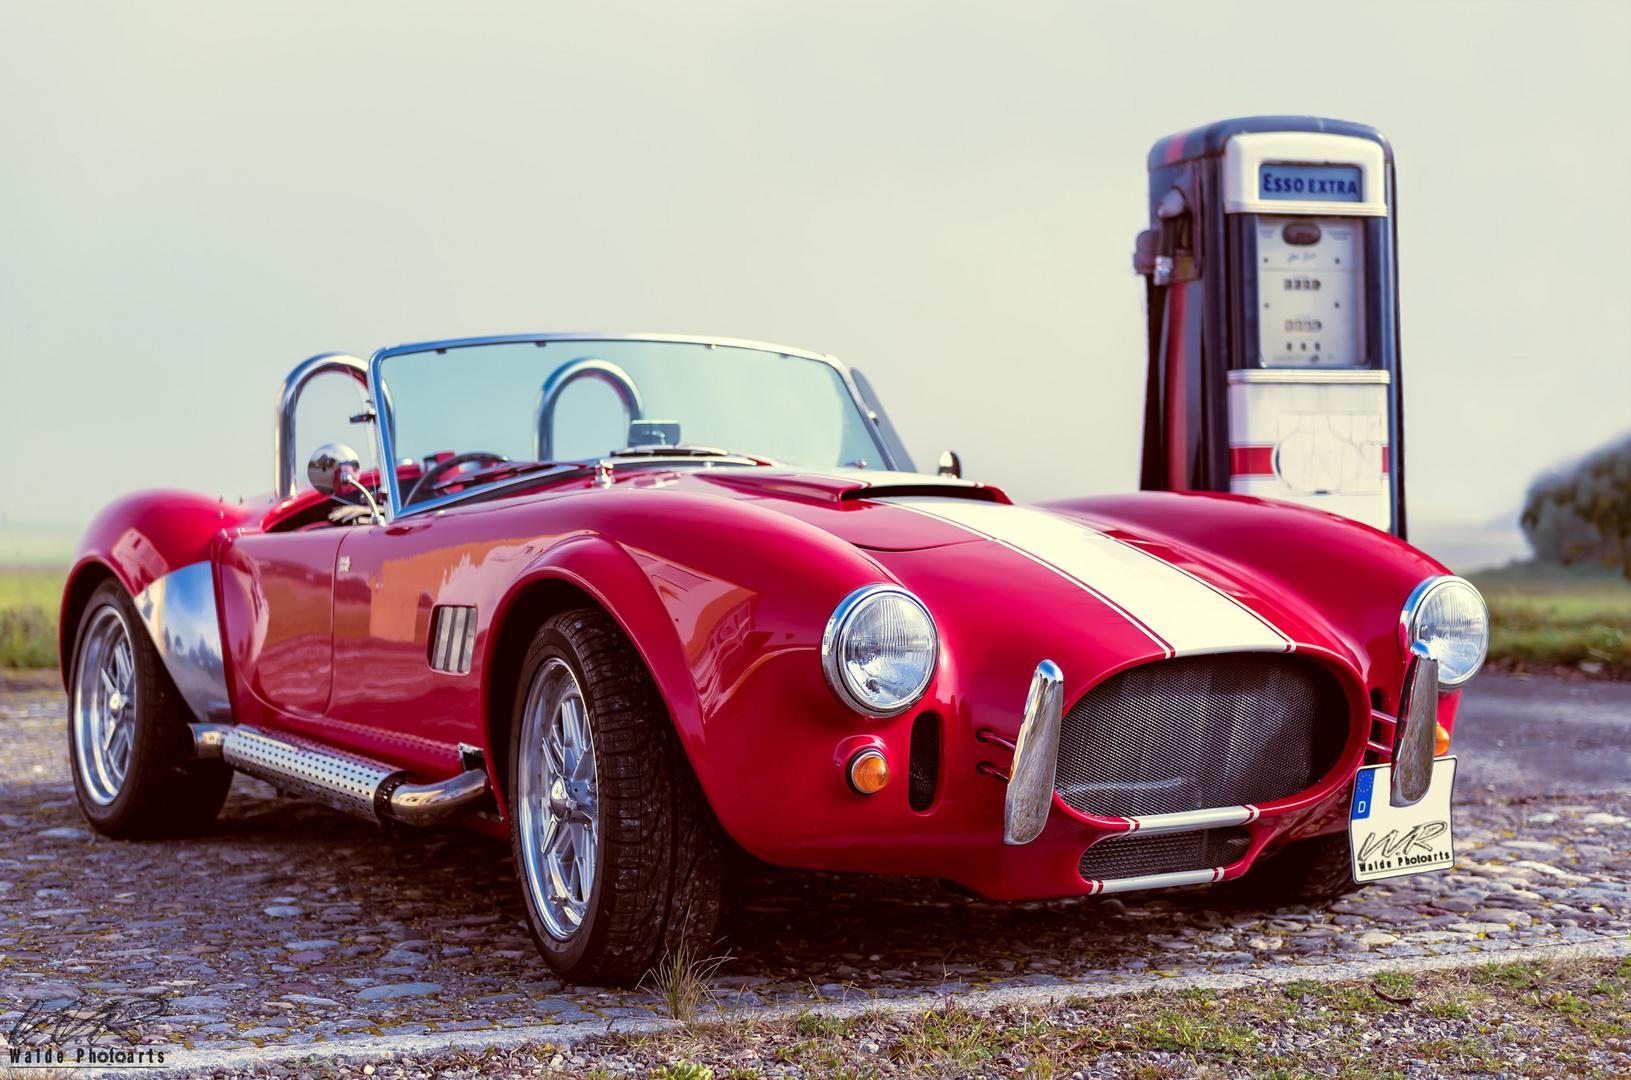 Cobra V8 Foto Bild Street Oldtimer Auto Bilder Auf Fotocommunity